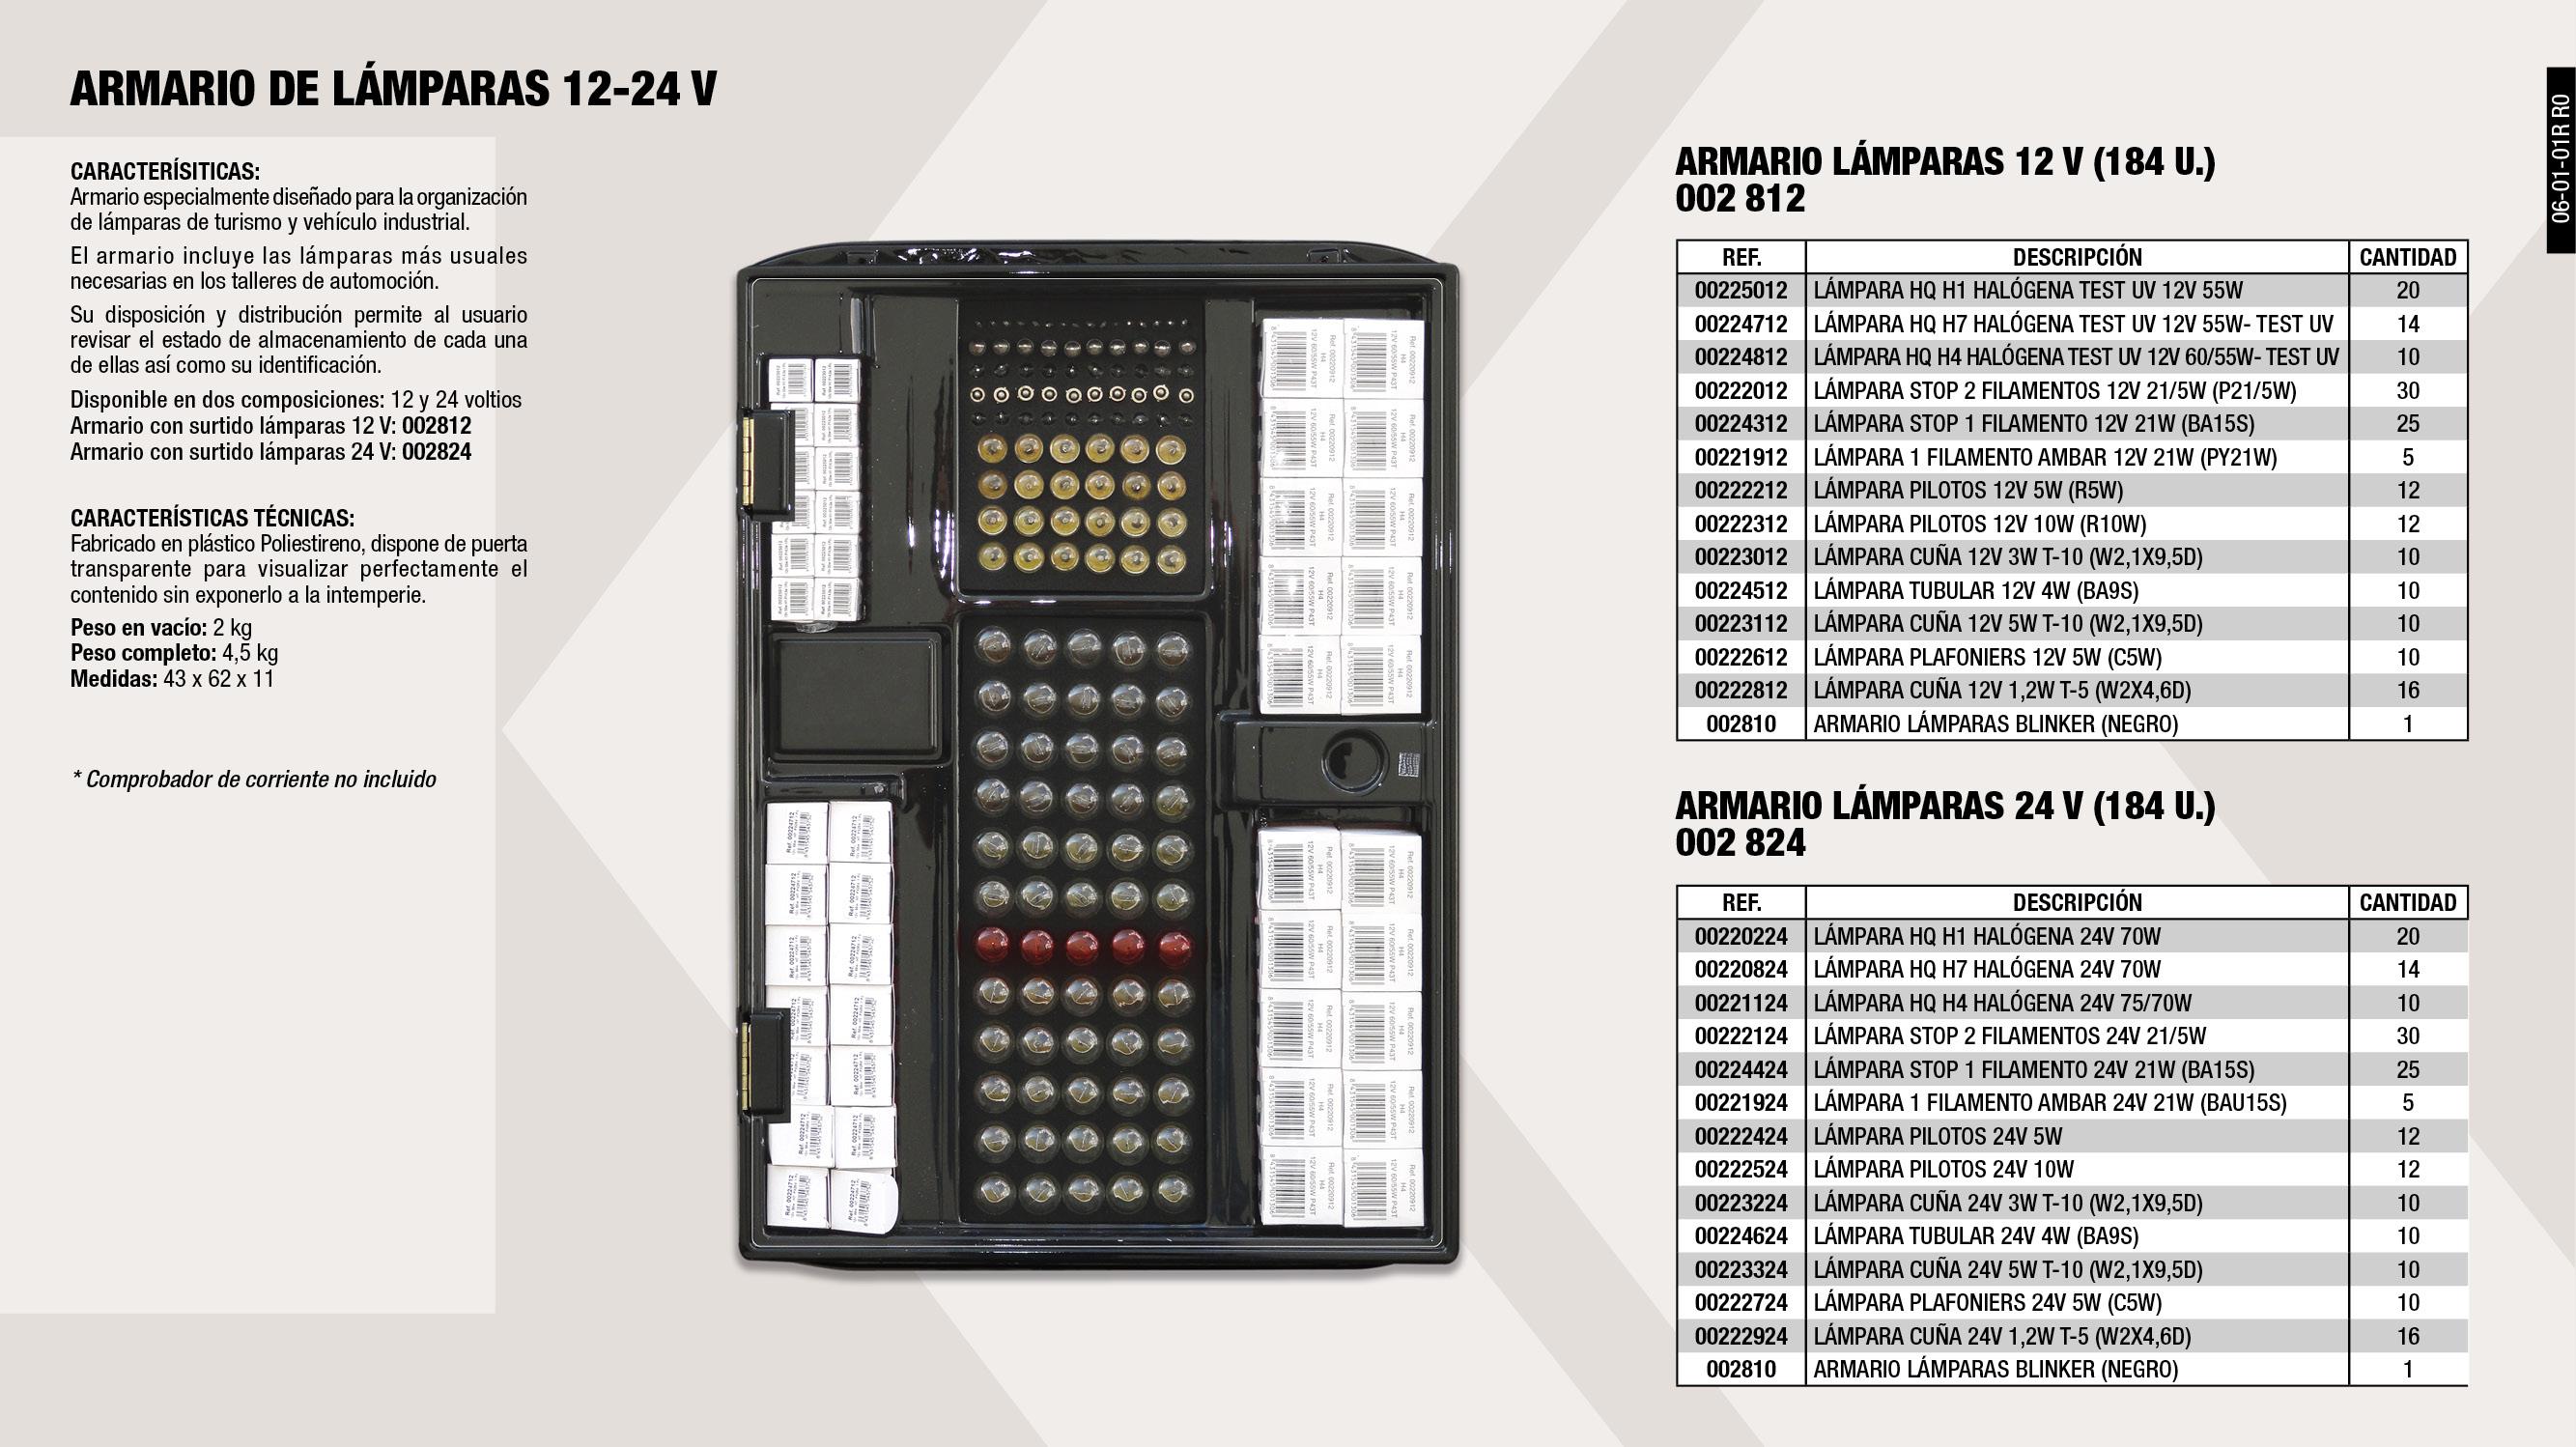 LAMPARA STOP 2 FILAMENTOS 12V 21/5W (P21/5W)                ,  LAMPARA CU¥A 12V 3W T-10 (W2,1X9,5D)                        ,  LAMPARA STOP 2 FILAMENTOS 24V 21/5W                         ,  LAMPARA PLAFONIERS 12V 5W (C5W)                             ,  LAMPARA CU¥A 24V 1,2W T-5 (W2X4,6D)                         ,  LAMPARA CU¥A 24V 3W T-10 (W2,1X9,5D)                        ,  LAMPARA PILOTOS 24V 5W                                      ,  LAMPARA CUÑA 12V 1,2W T-5 (W2X4,6D)                         ,  LAMPARA STOP 1 FILAMENTO 12V 21W (BA15S)                    ,  ARMARIO LAMPARAS WAHLEN BLACK 12V                           ,  LAMPARA TUBULAR 12V 4W (BA9S)                               ,  LAMPARA 1 FILAMENTO AMBAR 24V. 21W. BAU 15S                 ,  ARMARIO LAMPARAS WAHLEN BLACK 24V                           ,  LAMPARA STOP 1 FILAMENTO 24V 21W (BA15S)                    ,  LAMPARA TUBULAR 24V 4W (BA9S)                               ,  LAMPARA HQ H7 HALOGENA 12V 55W-TEST UV                      ,  LAMPARA HQ H7 HALOGENA 24V 70W                              ,  LAMPARA HQ H4 HALOGENA 24V 75/70W                           ,  LAMPARA PILOTOS 12V 5W (R5W)                                ,  LAMPARA HQ H4 HALOGENA 12V 60/55W-TEST UV                   ,  LAMPARA PILOTOS 12V 10W (R10W)                              ,  LAMPARA PLAFONIERS 24V 5W (C5W)                             ,  LAMPARA HQ H1 HALOGENA 24V 70W                              ,  ARMARIO LAMPARAS WAHLEN BLACK (VACIO)                       ,  LAMPARA 1 FILAMENTO AMBAR 12V 21W (PY21W)                   ,  LAMPARA CU¥A 12V 5W T-10 (W2,1X9,5D)                        ,  LAMPARA CU¥A 24V 5W T-10 (W2,1X9,5D)                        ,  LAMPARA HQ H1 HALOGENA TEST UV 12V 55W                      ,